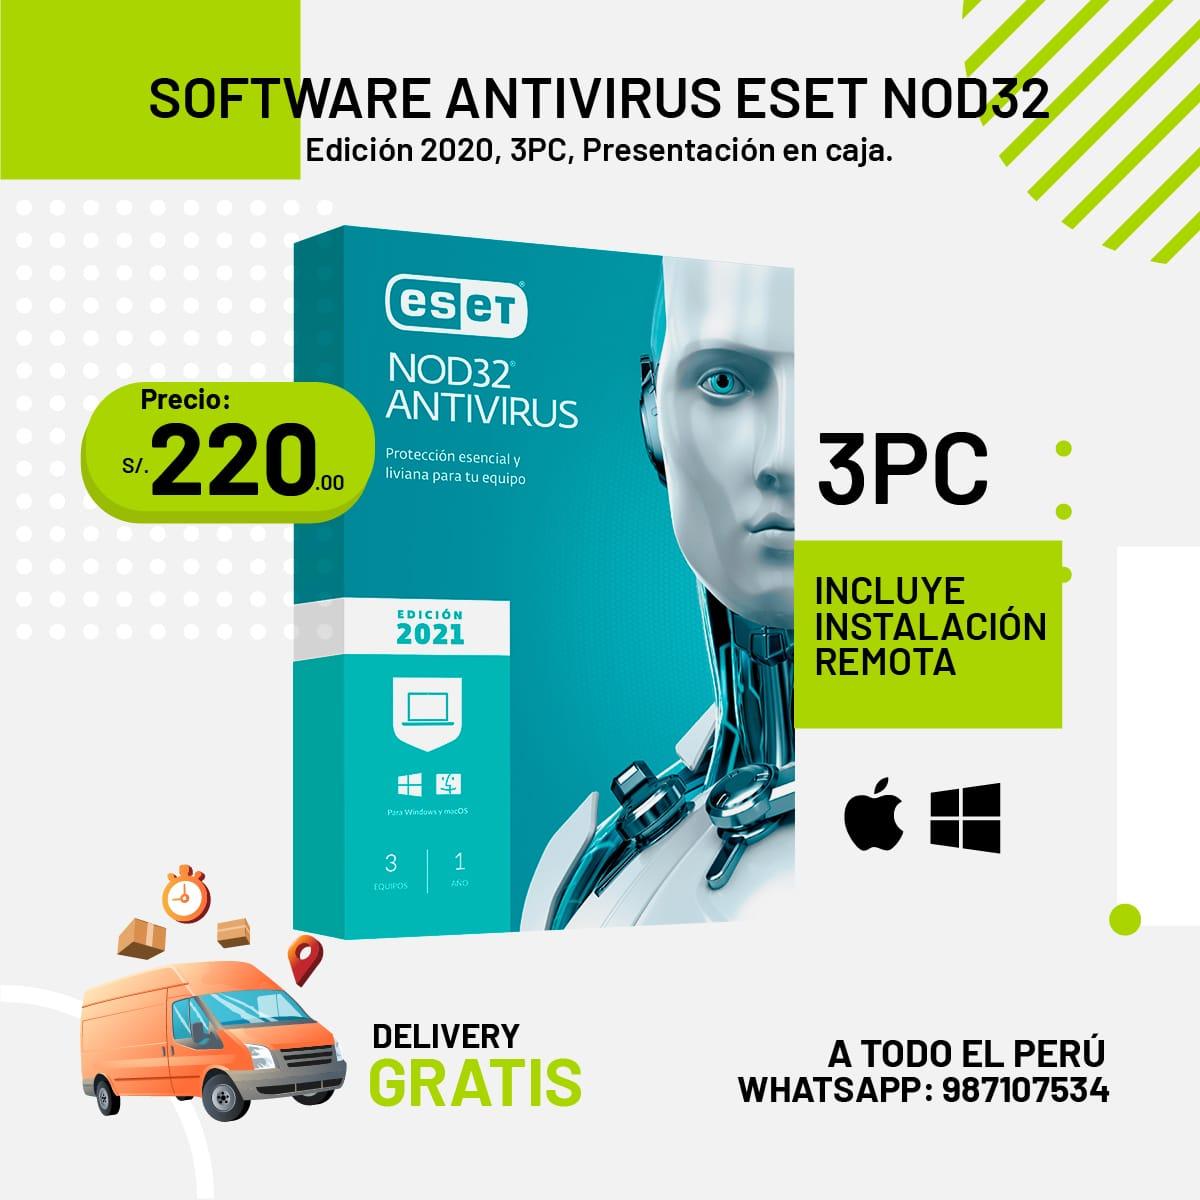 Licencias NOD 32 Antivirus ESET